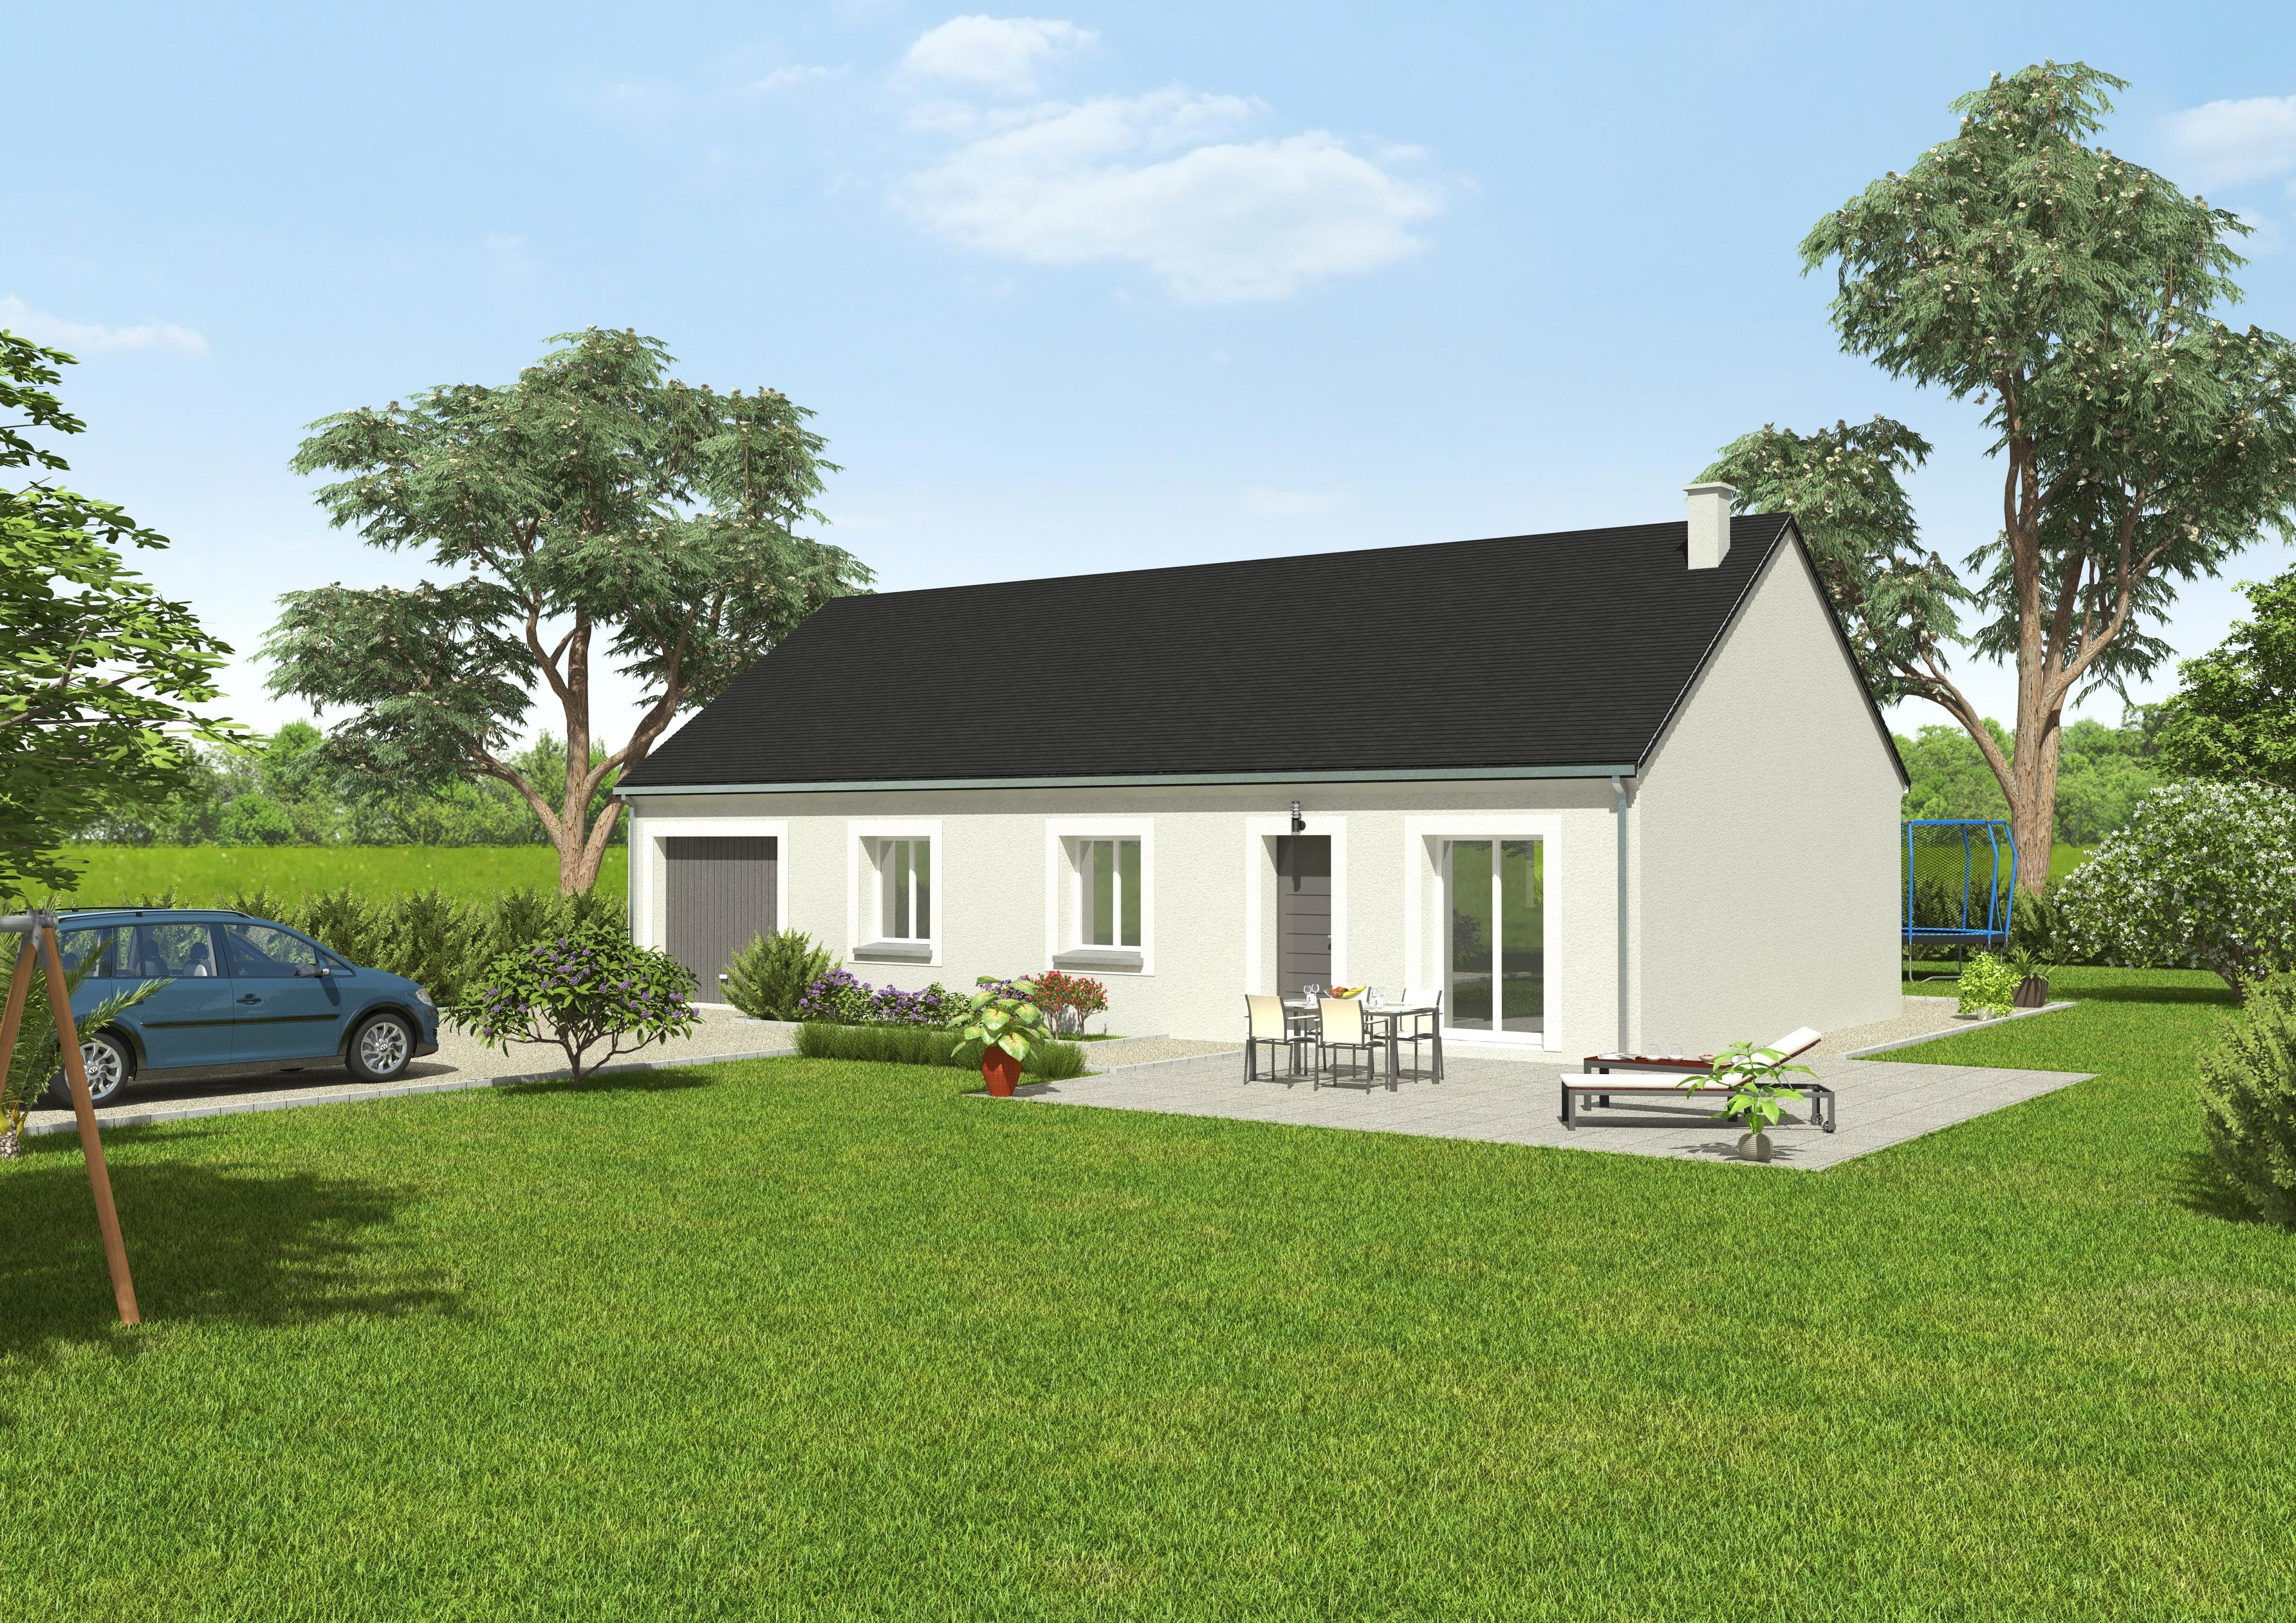 Maisons du constructeur GROUPE DIOGO FERNANDES • 76 m² • AUNAY SOUS CRECY